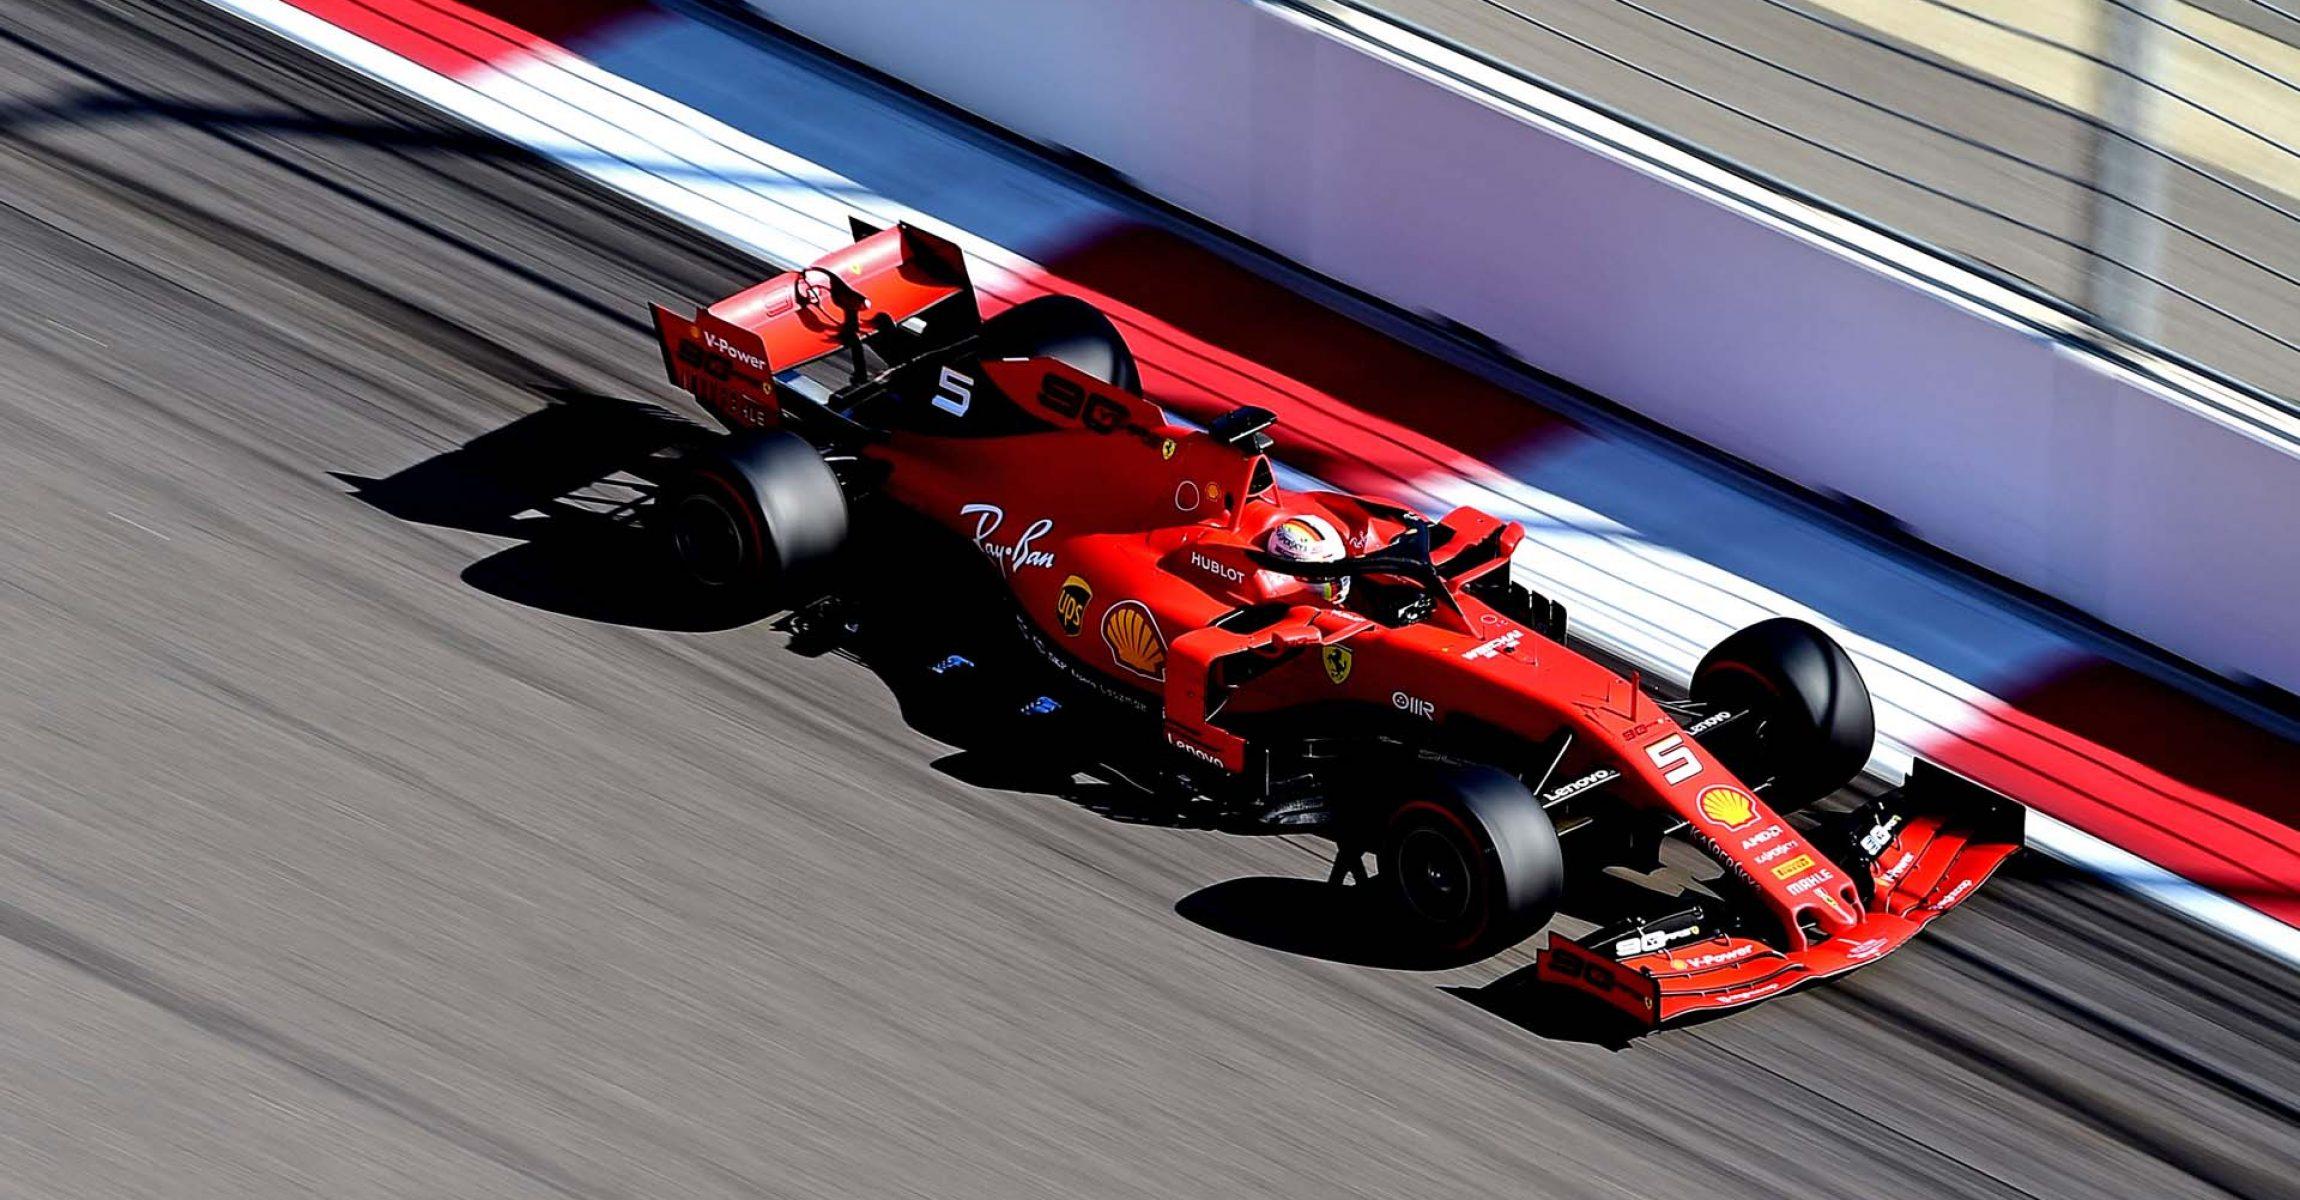 GP RUSSIA F1/2019 - DOMENICA 29/09/2019 credit: @Scuderia Ferrari Press Office Sebastian Vettel Ferrari